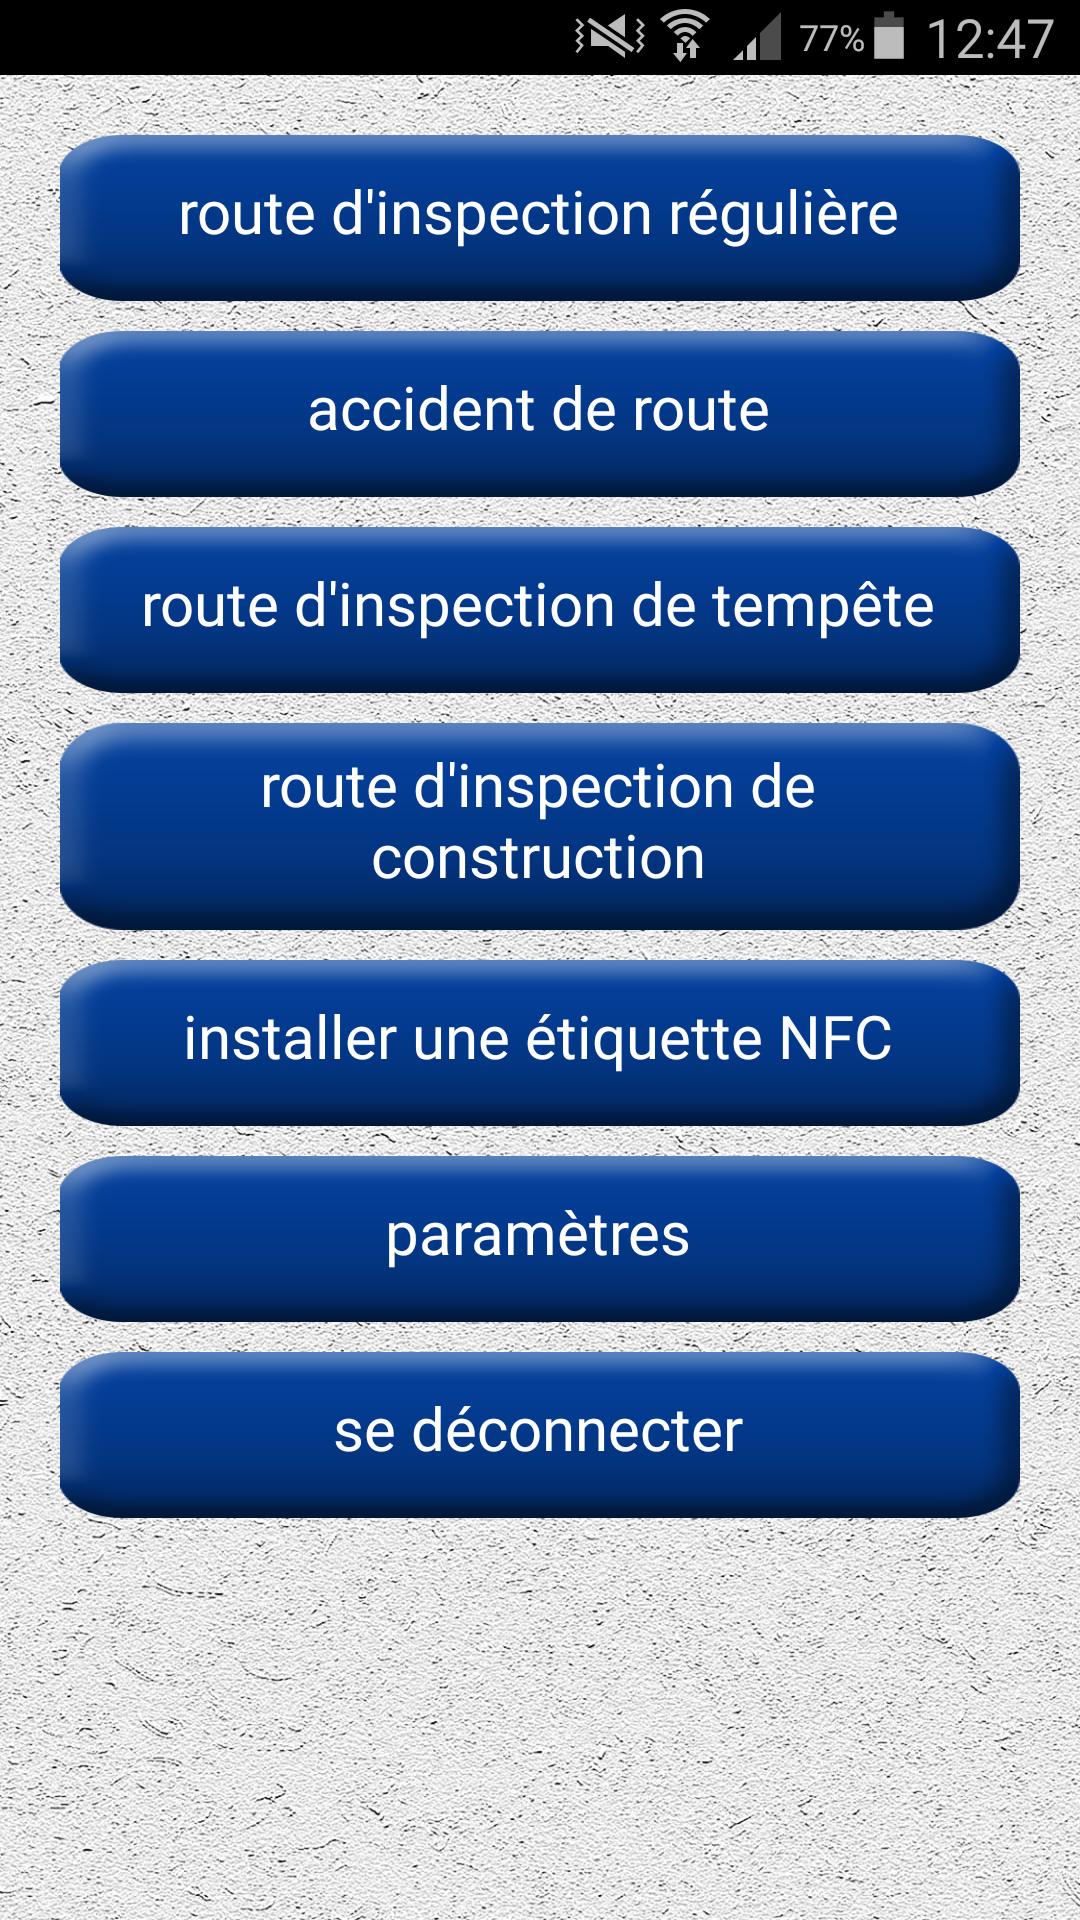 ginstr_app_roadSafetyChecklist_FR_2